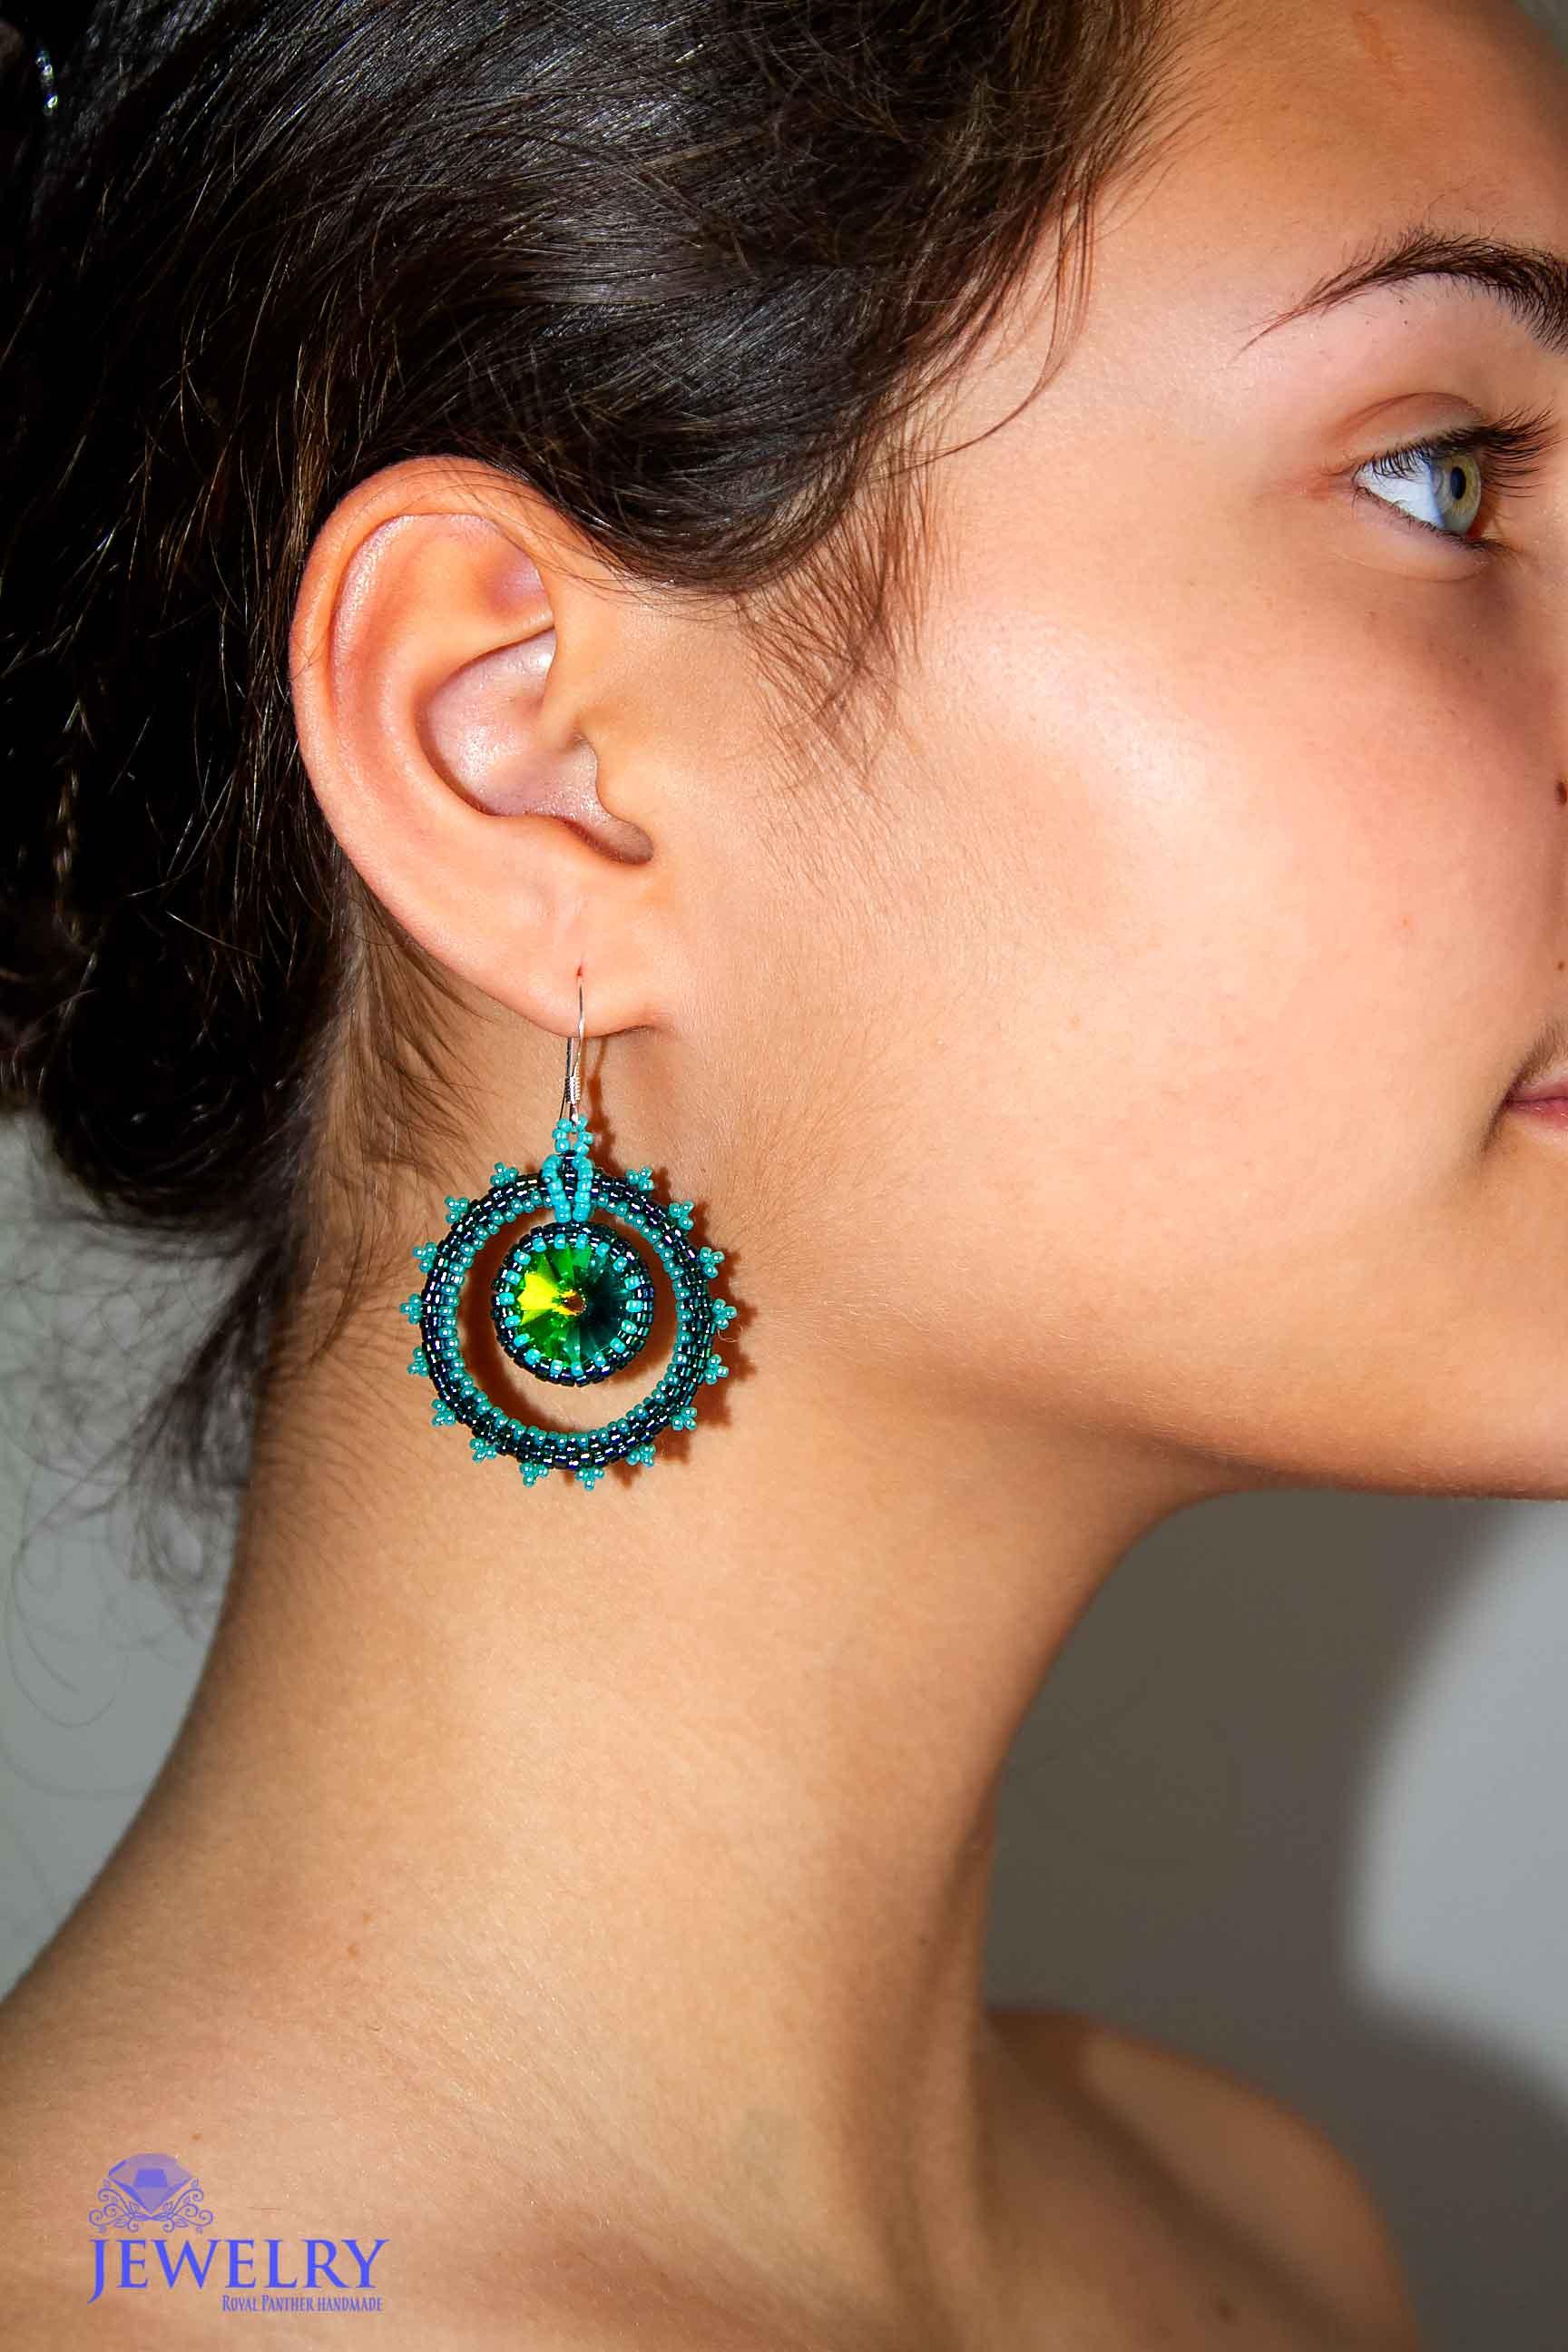 Fancy earrings